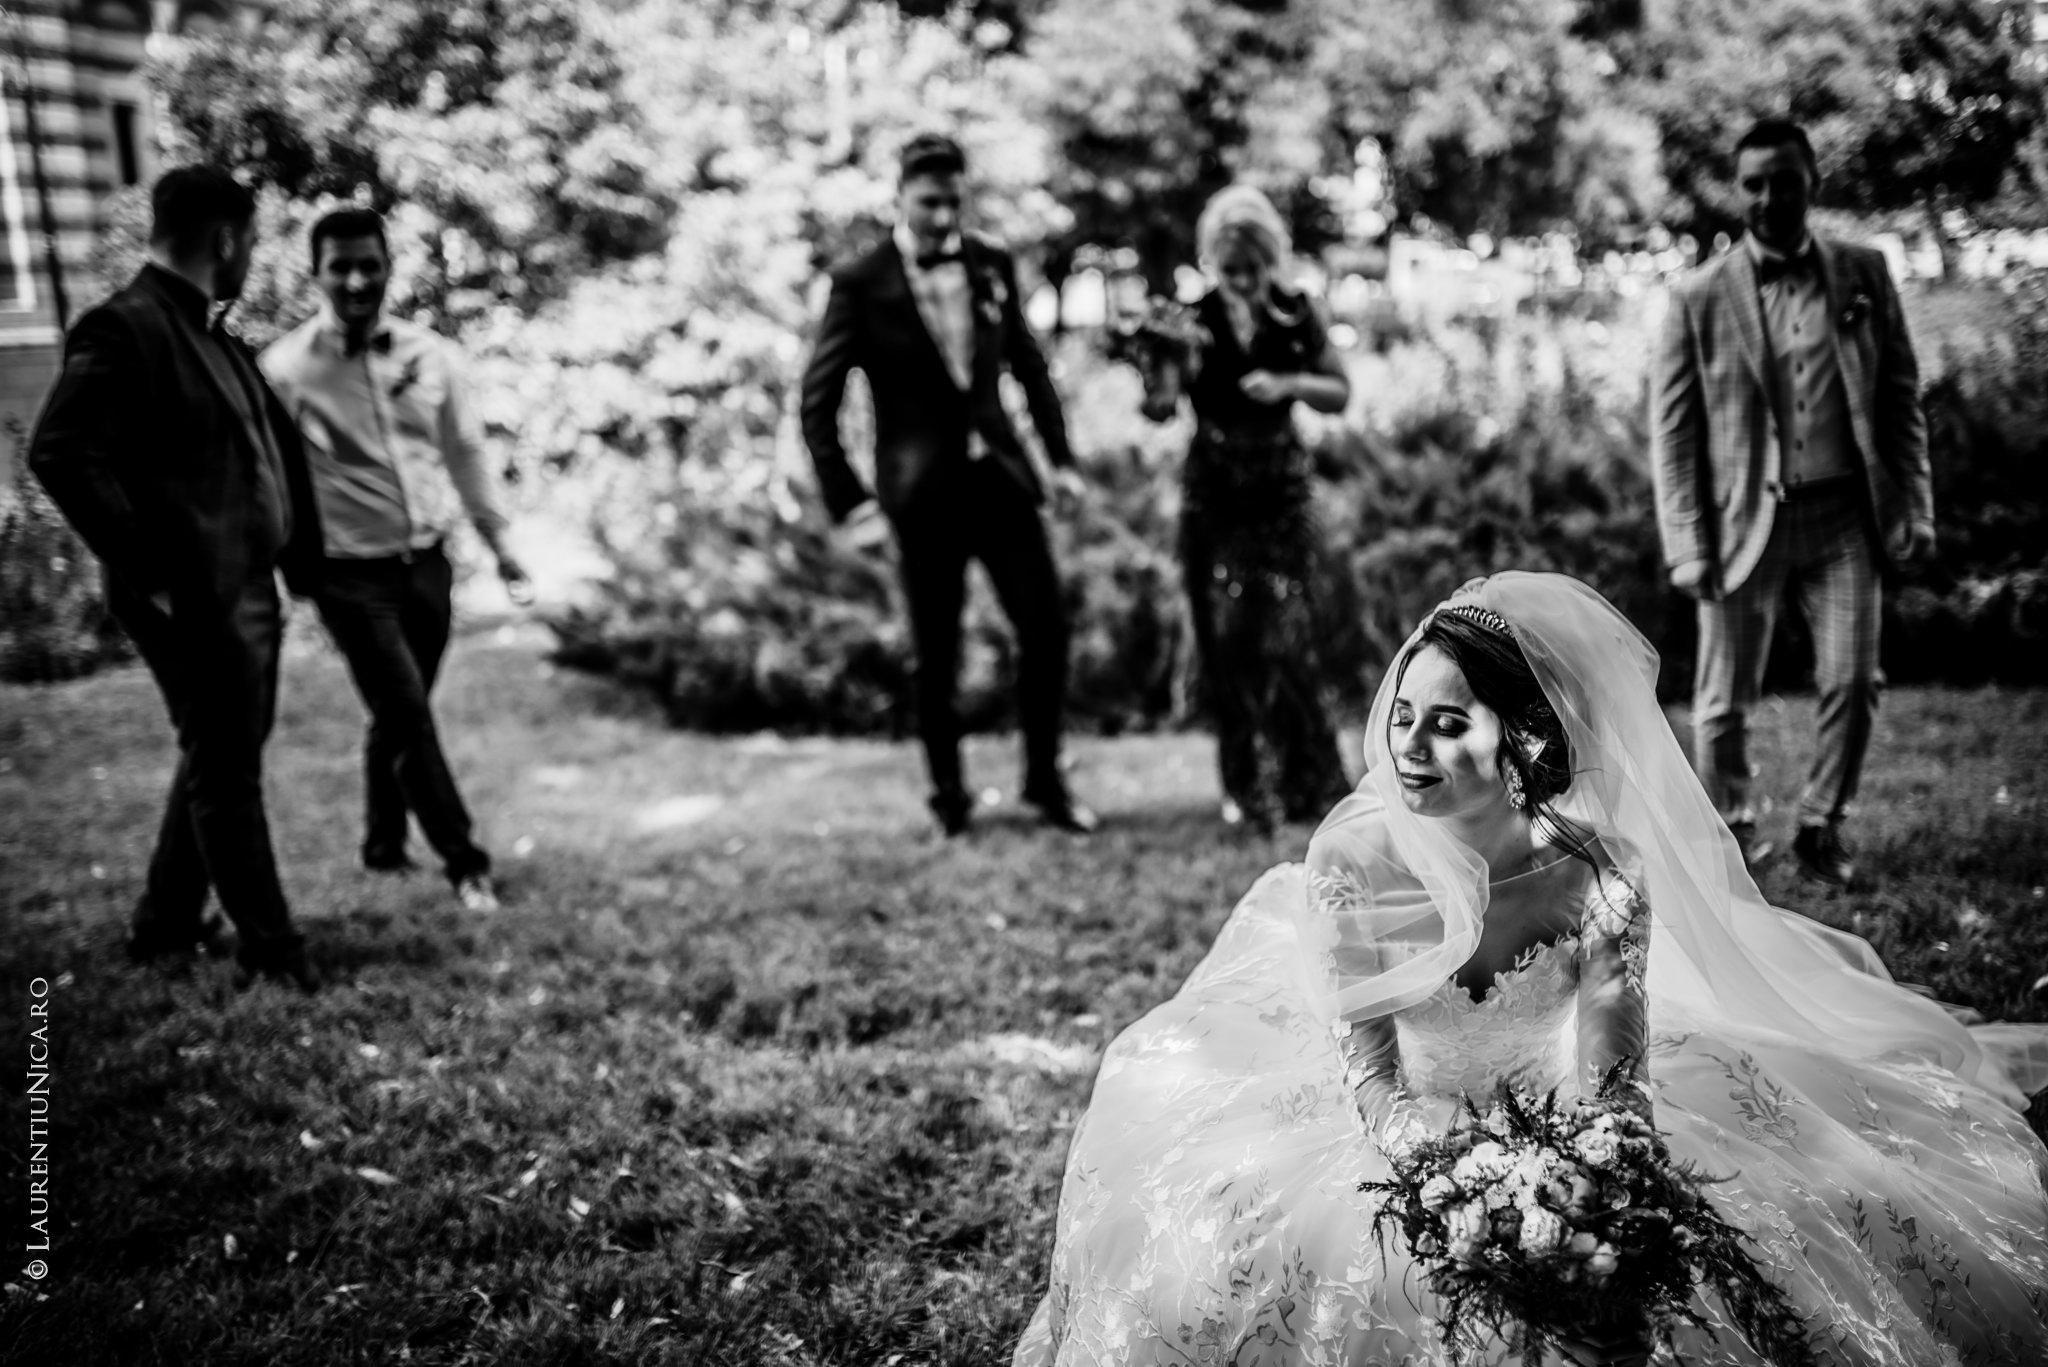 fotografii nunta denisa si florin craiova 21 - Denisa & Florin | Fotografii nunta | Craiova